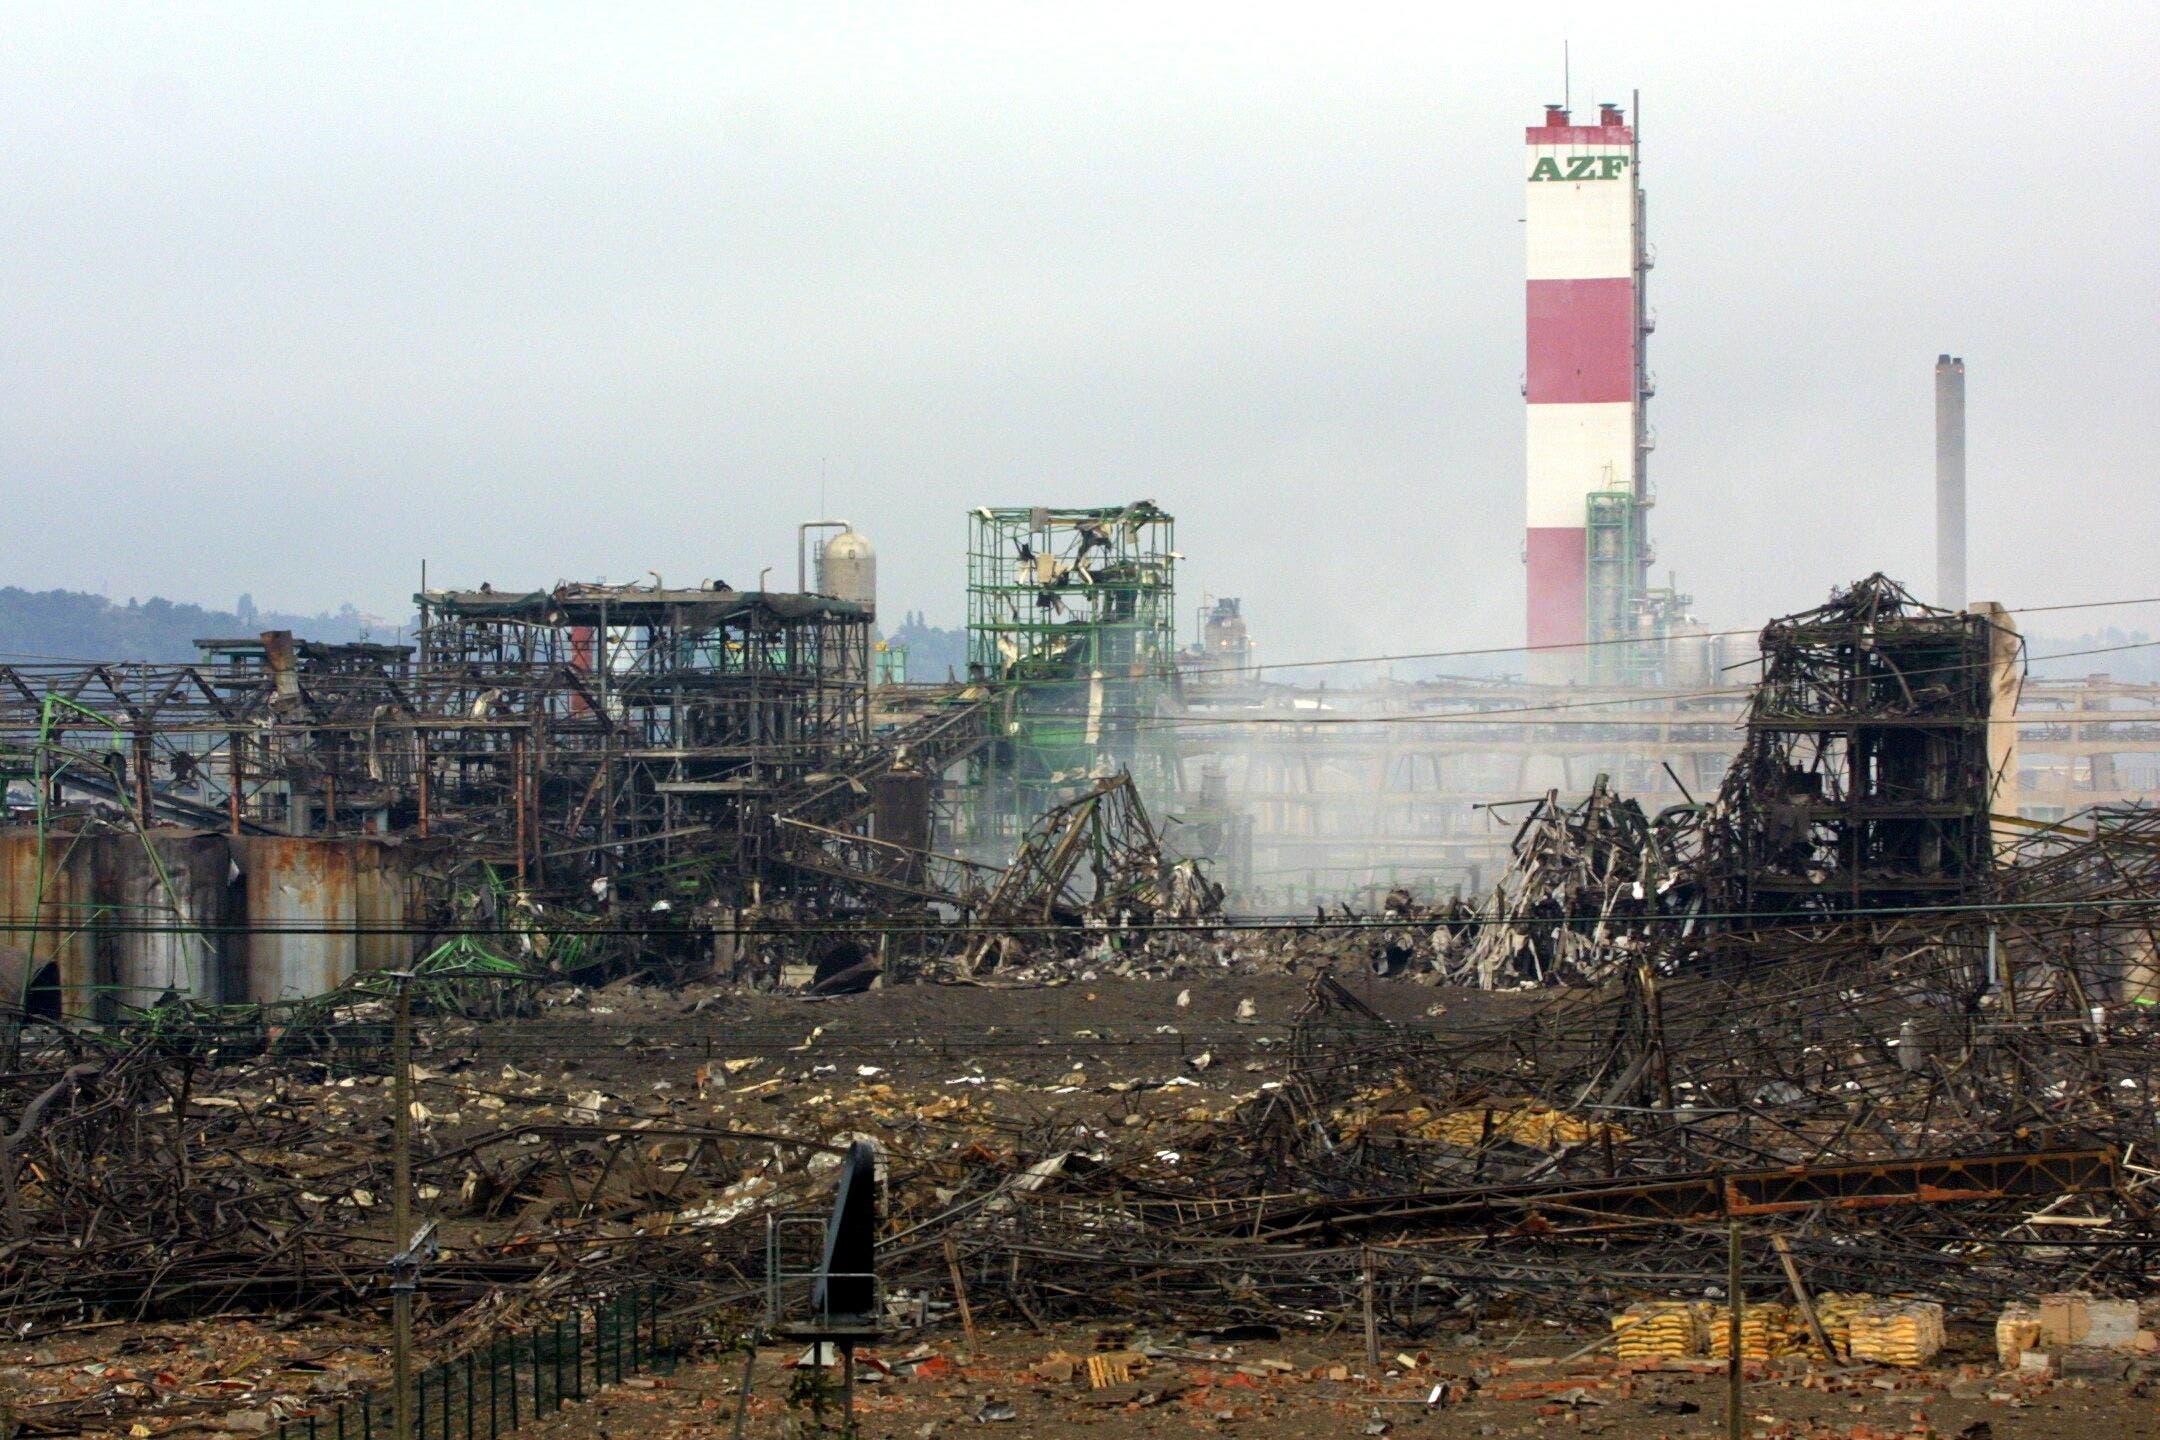 المجمع الكيميائي بتولوز الفرنسية عقب الانفجار